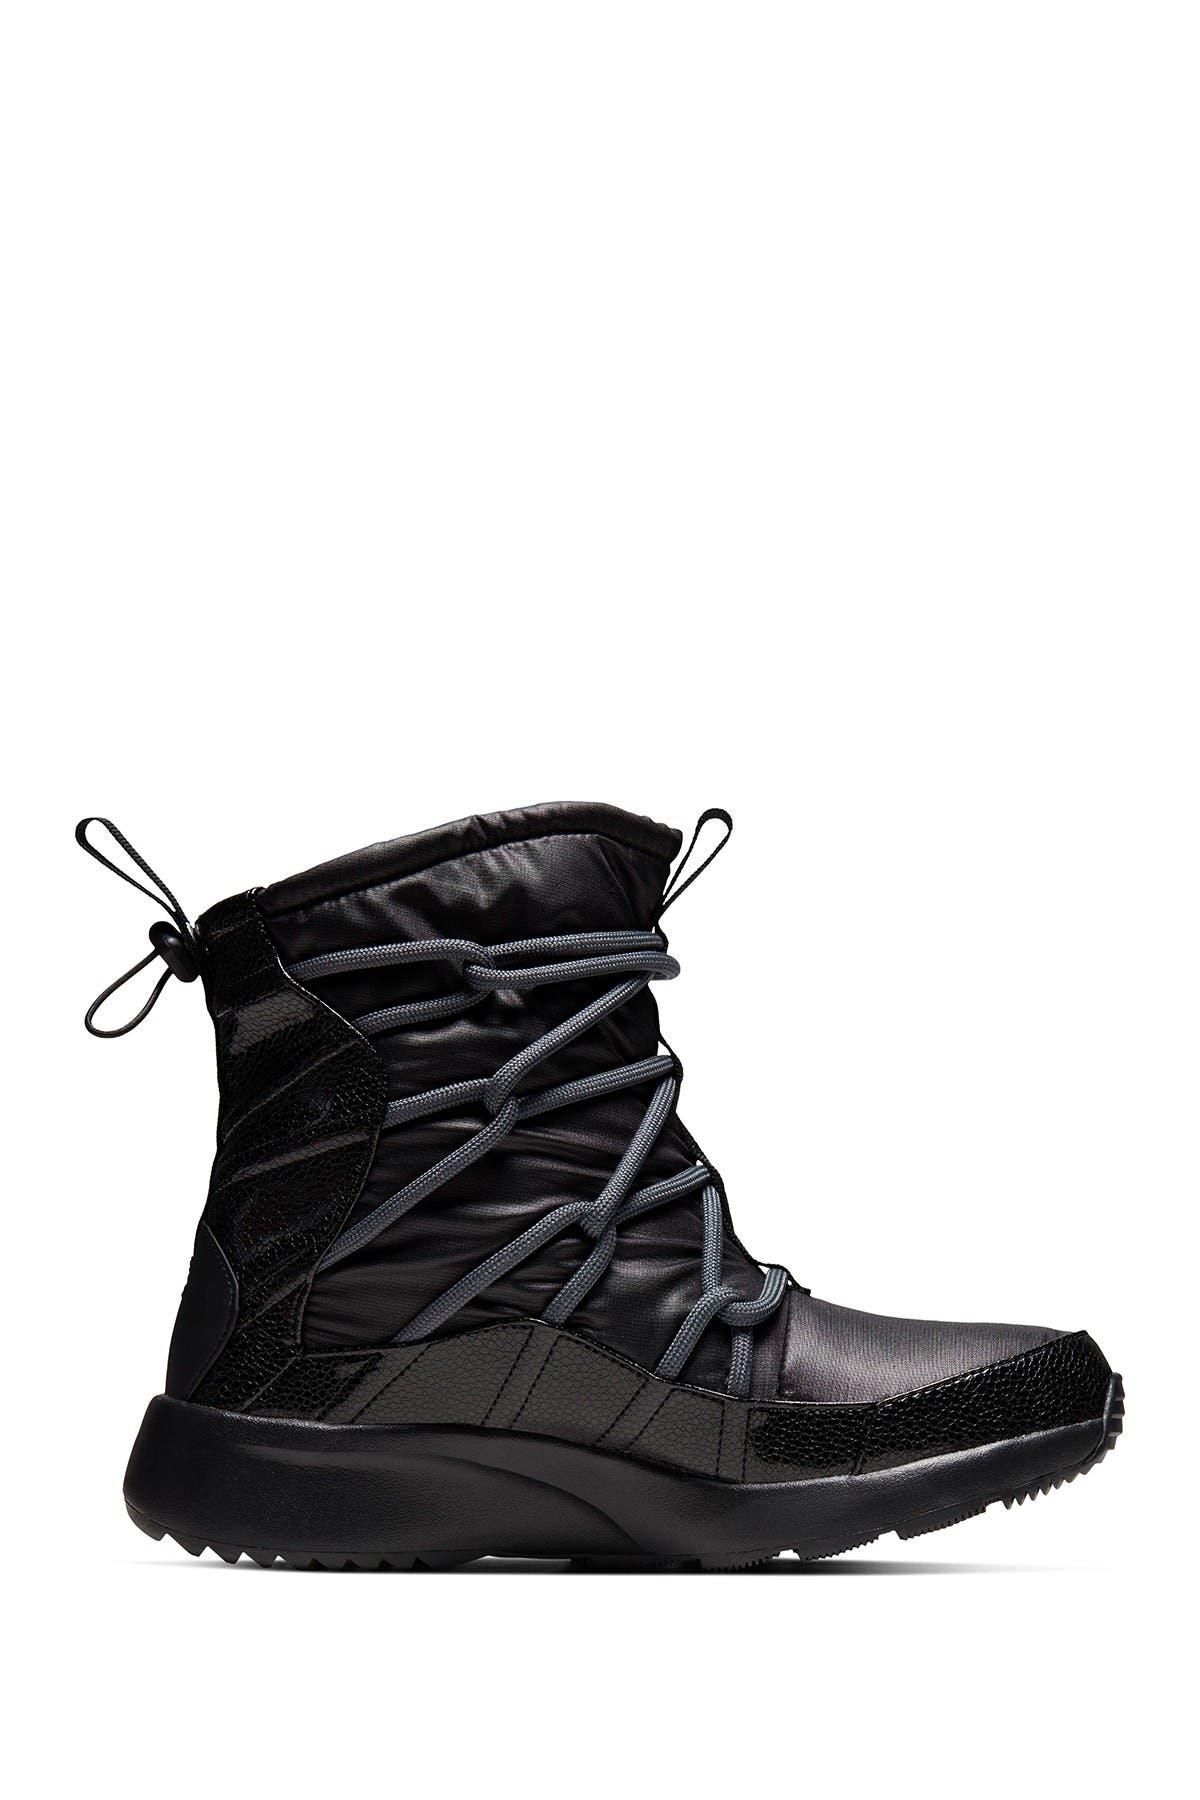 Nike   Tanjun High Rise Boot